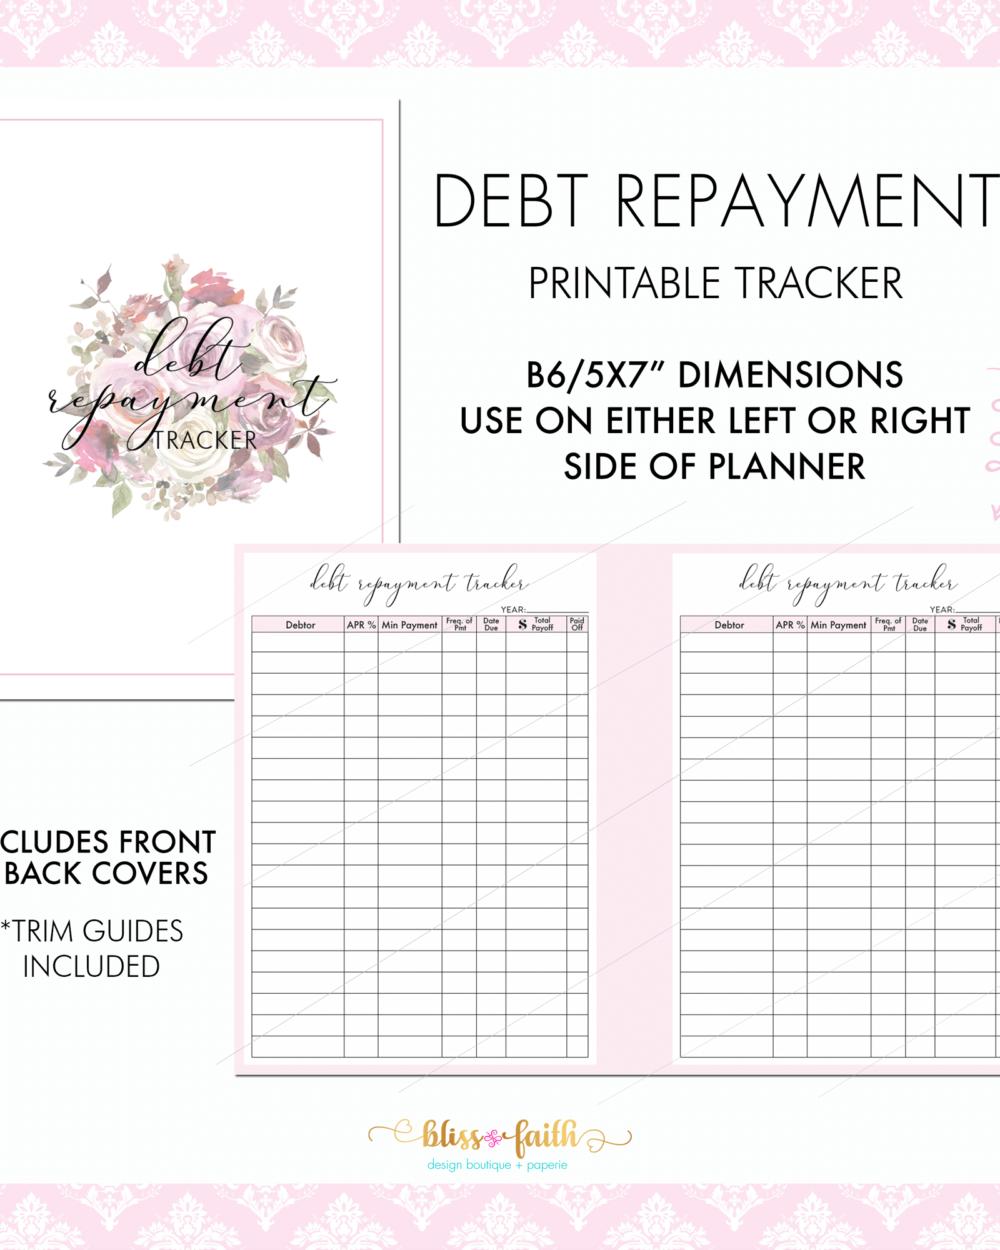 Debt Repayment Tracker Printable Planner Insert | BlissandFaith.com